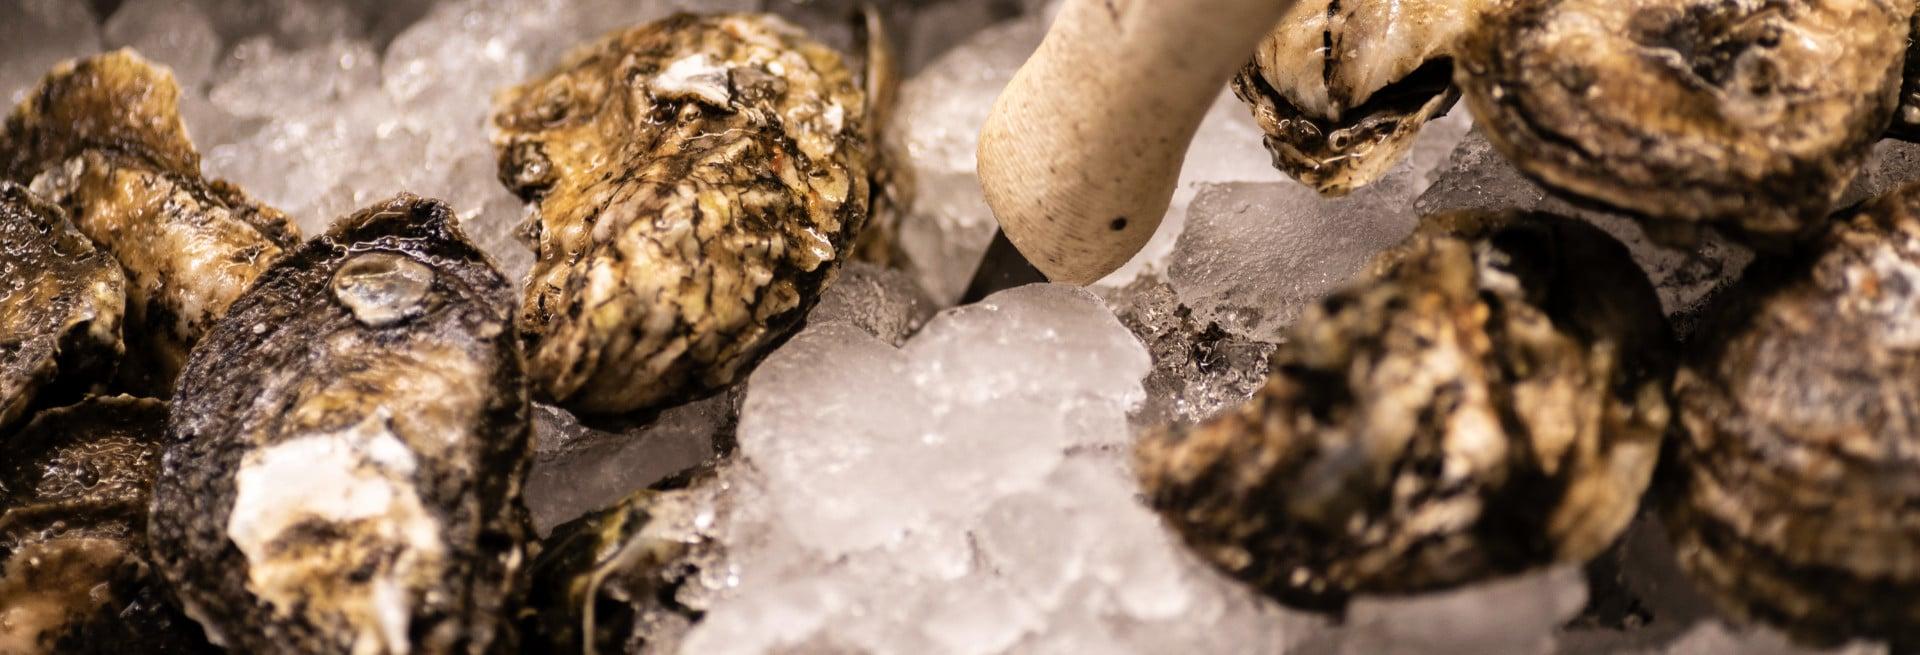 Lynn's Fresh Oysters